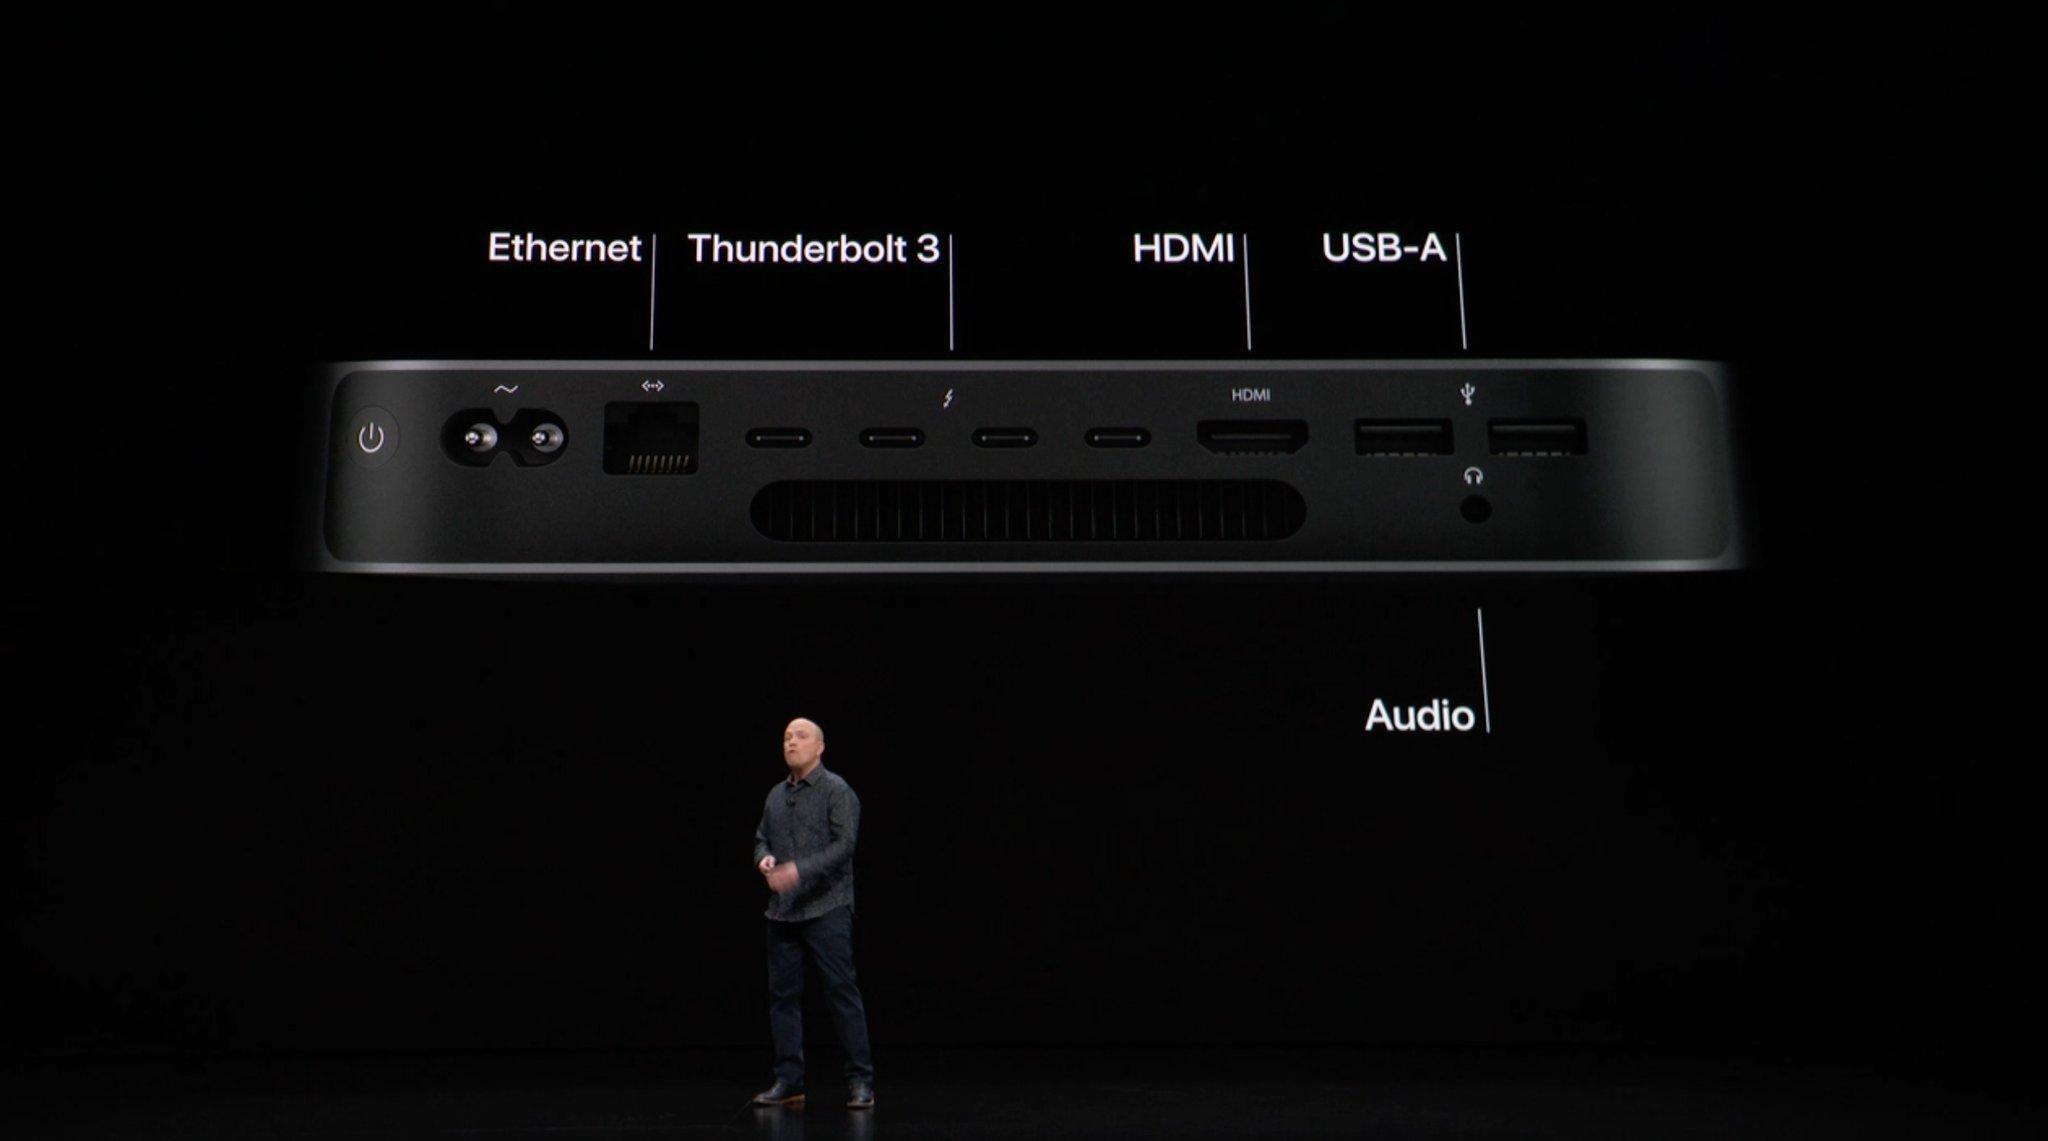 Puertos traseros del nuevo Mac mini